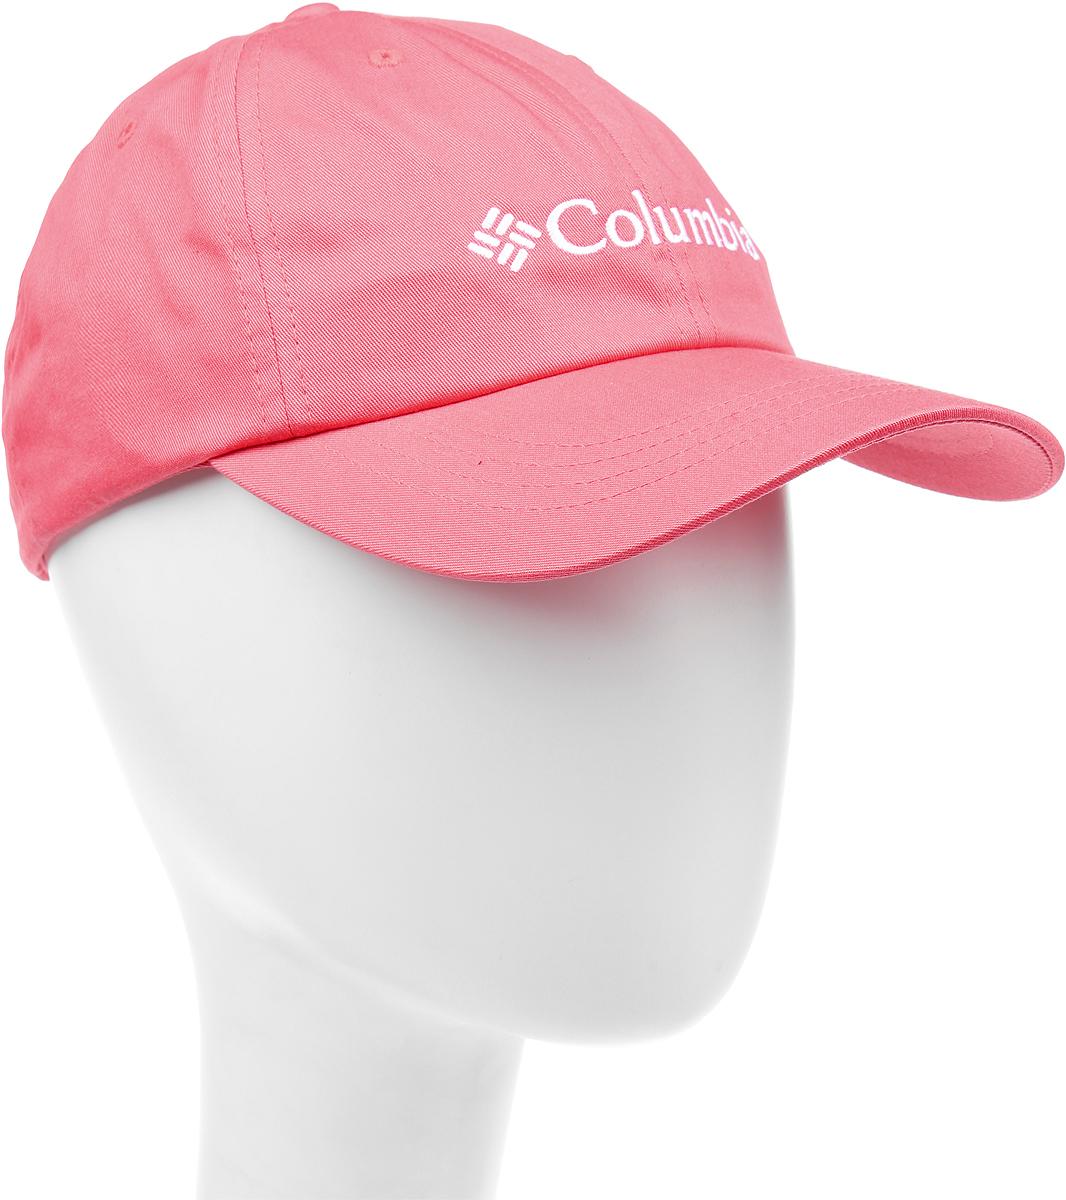 Купить Бейсболка Columbia ROC II Hat, цвет: розовый. 1766611-614. Размер универсальный